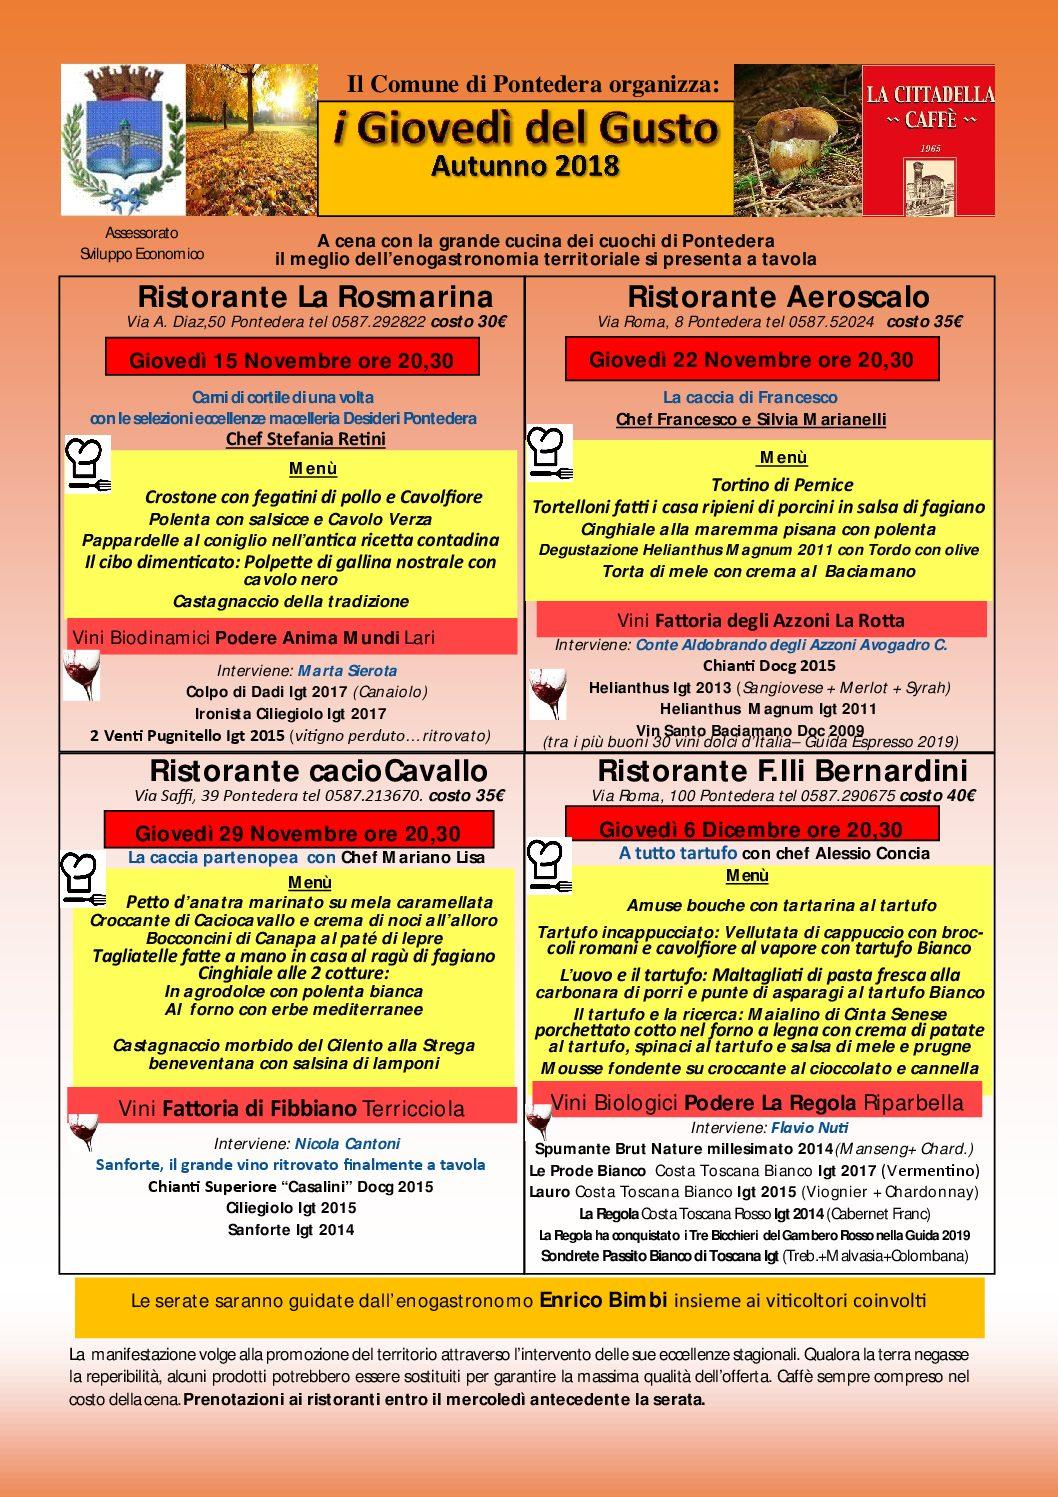 La Rosmarina, Aeroscalo, Caciocavallo, Fratelli Bernardini- Dal 15 Novenbre al 6 dicembre I favolosi Giovedì del Gusto Autunno 2018 a Pontedera